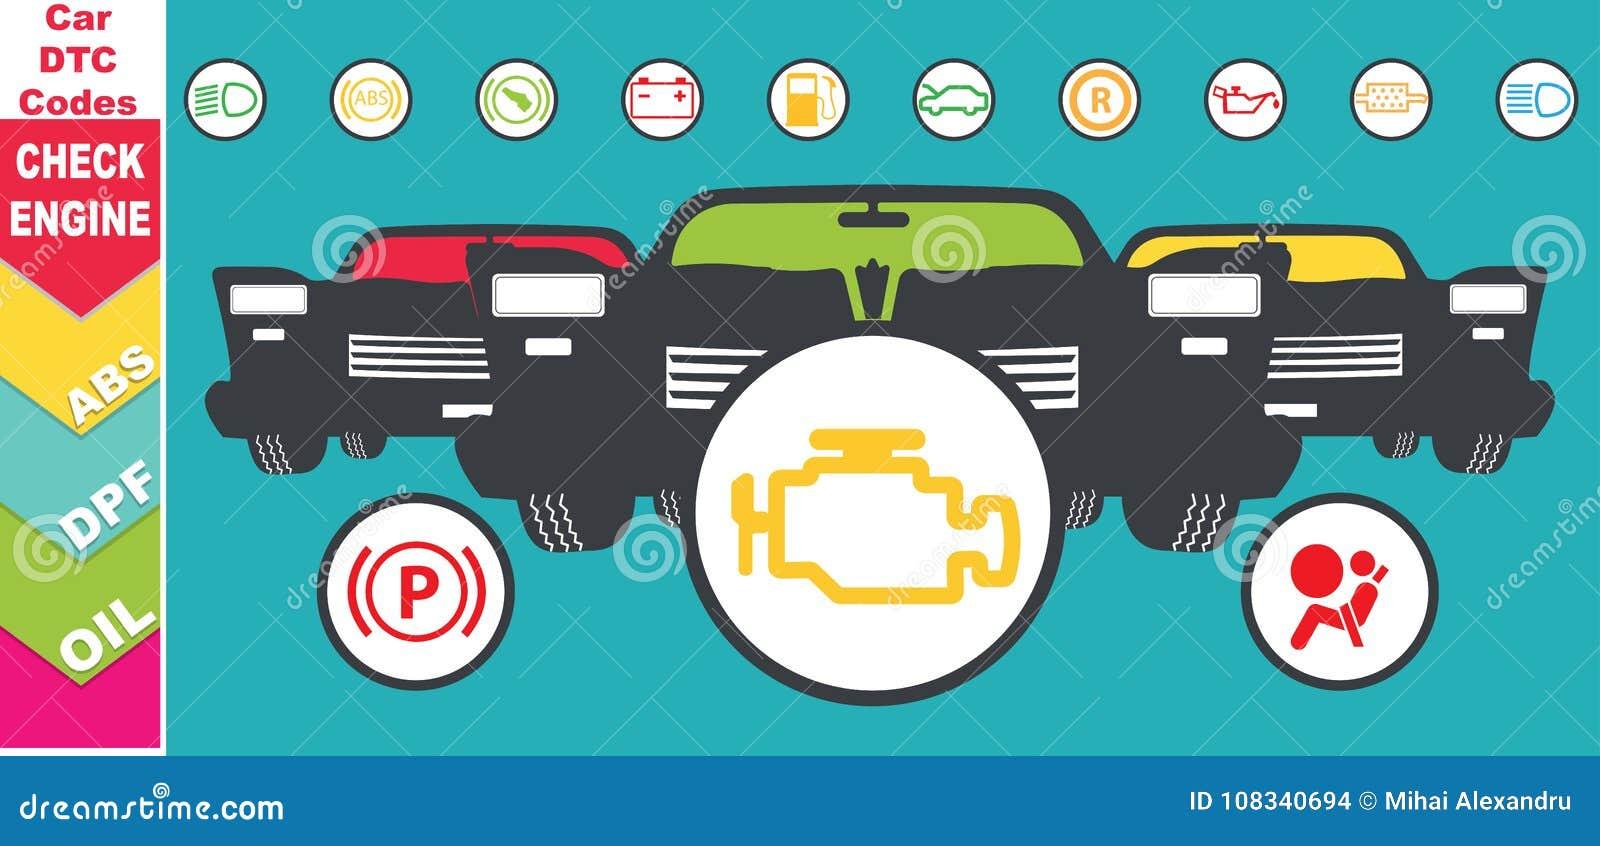 Uppsättning av symboler för instrumentbrädainstrumentklunga - dtckoder, motorfelindikatorer, illustration